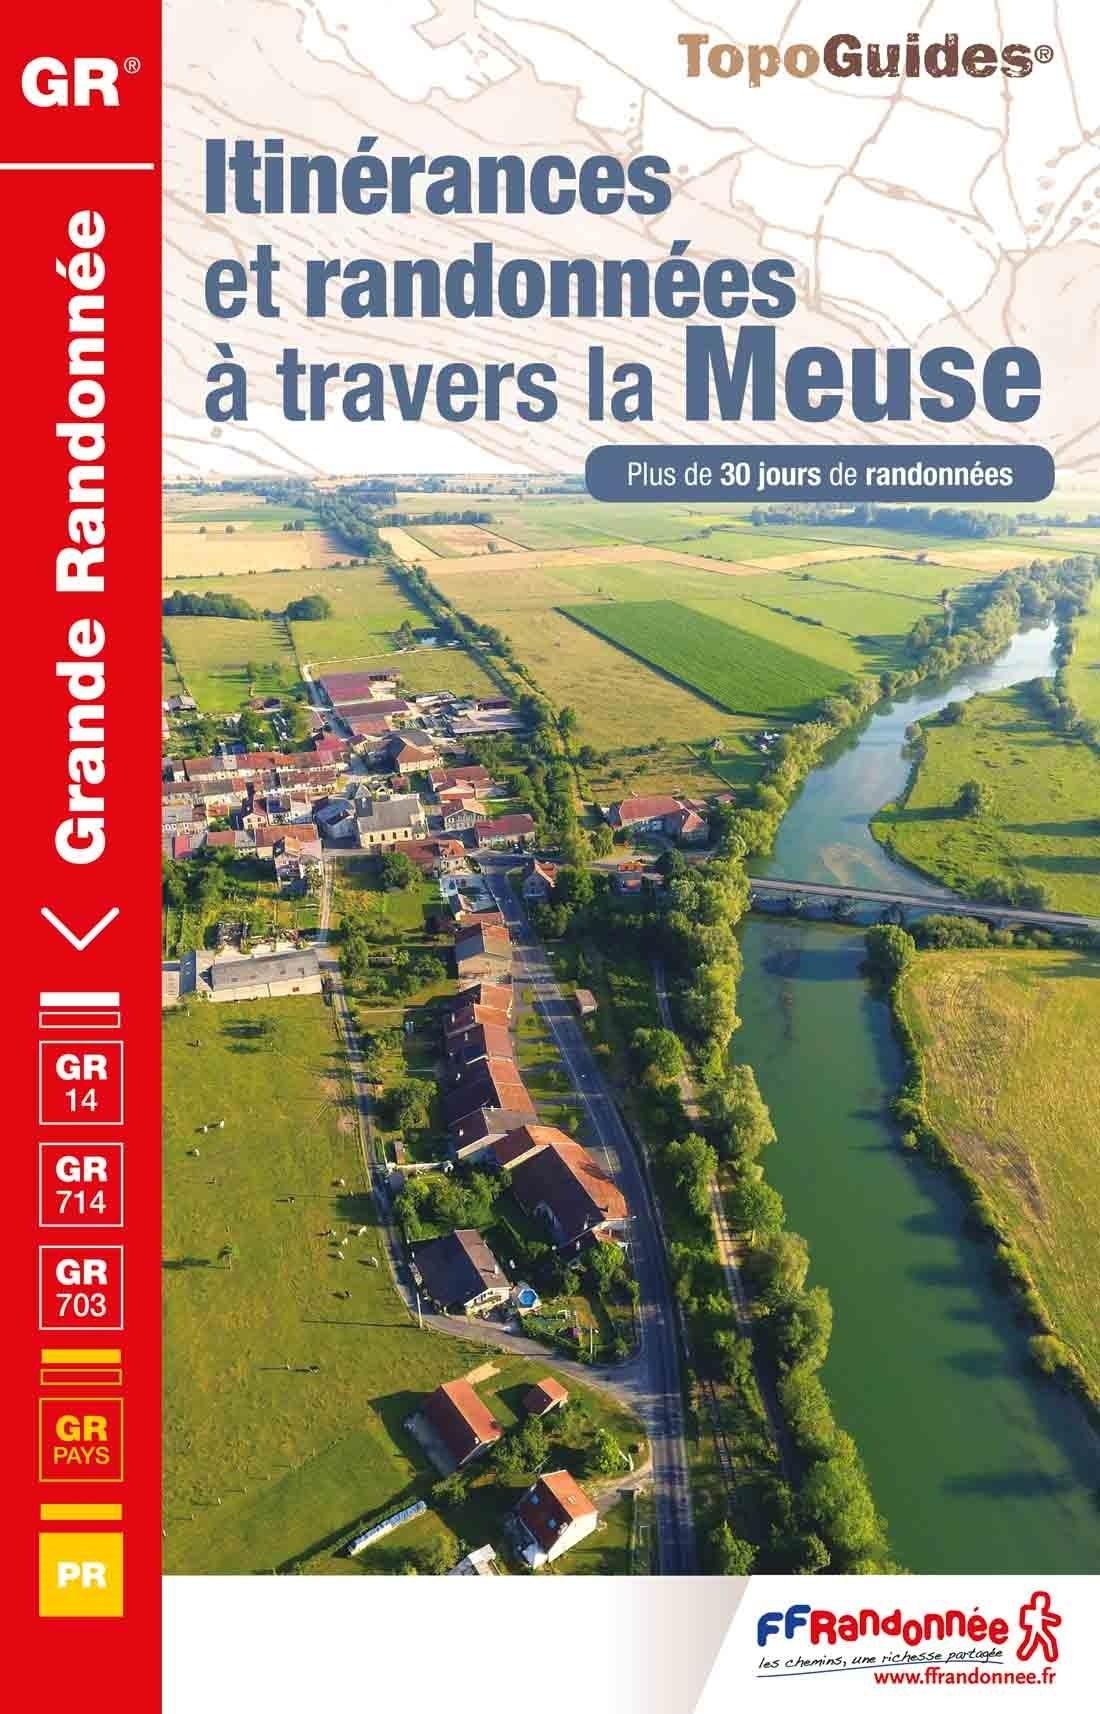 TG5500 Itinérances et randonnées à travers la Meuse | wandelgids 9782751410161  FFRP Topoguides  Meerdaagse wandelroutes, Wandelgidsen Champagne, Franse Ardennen